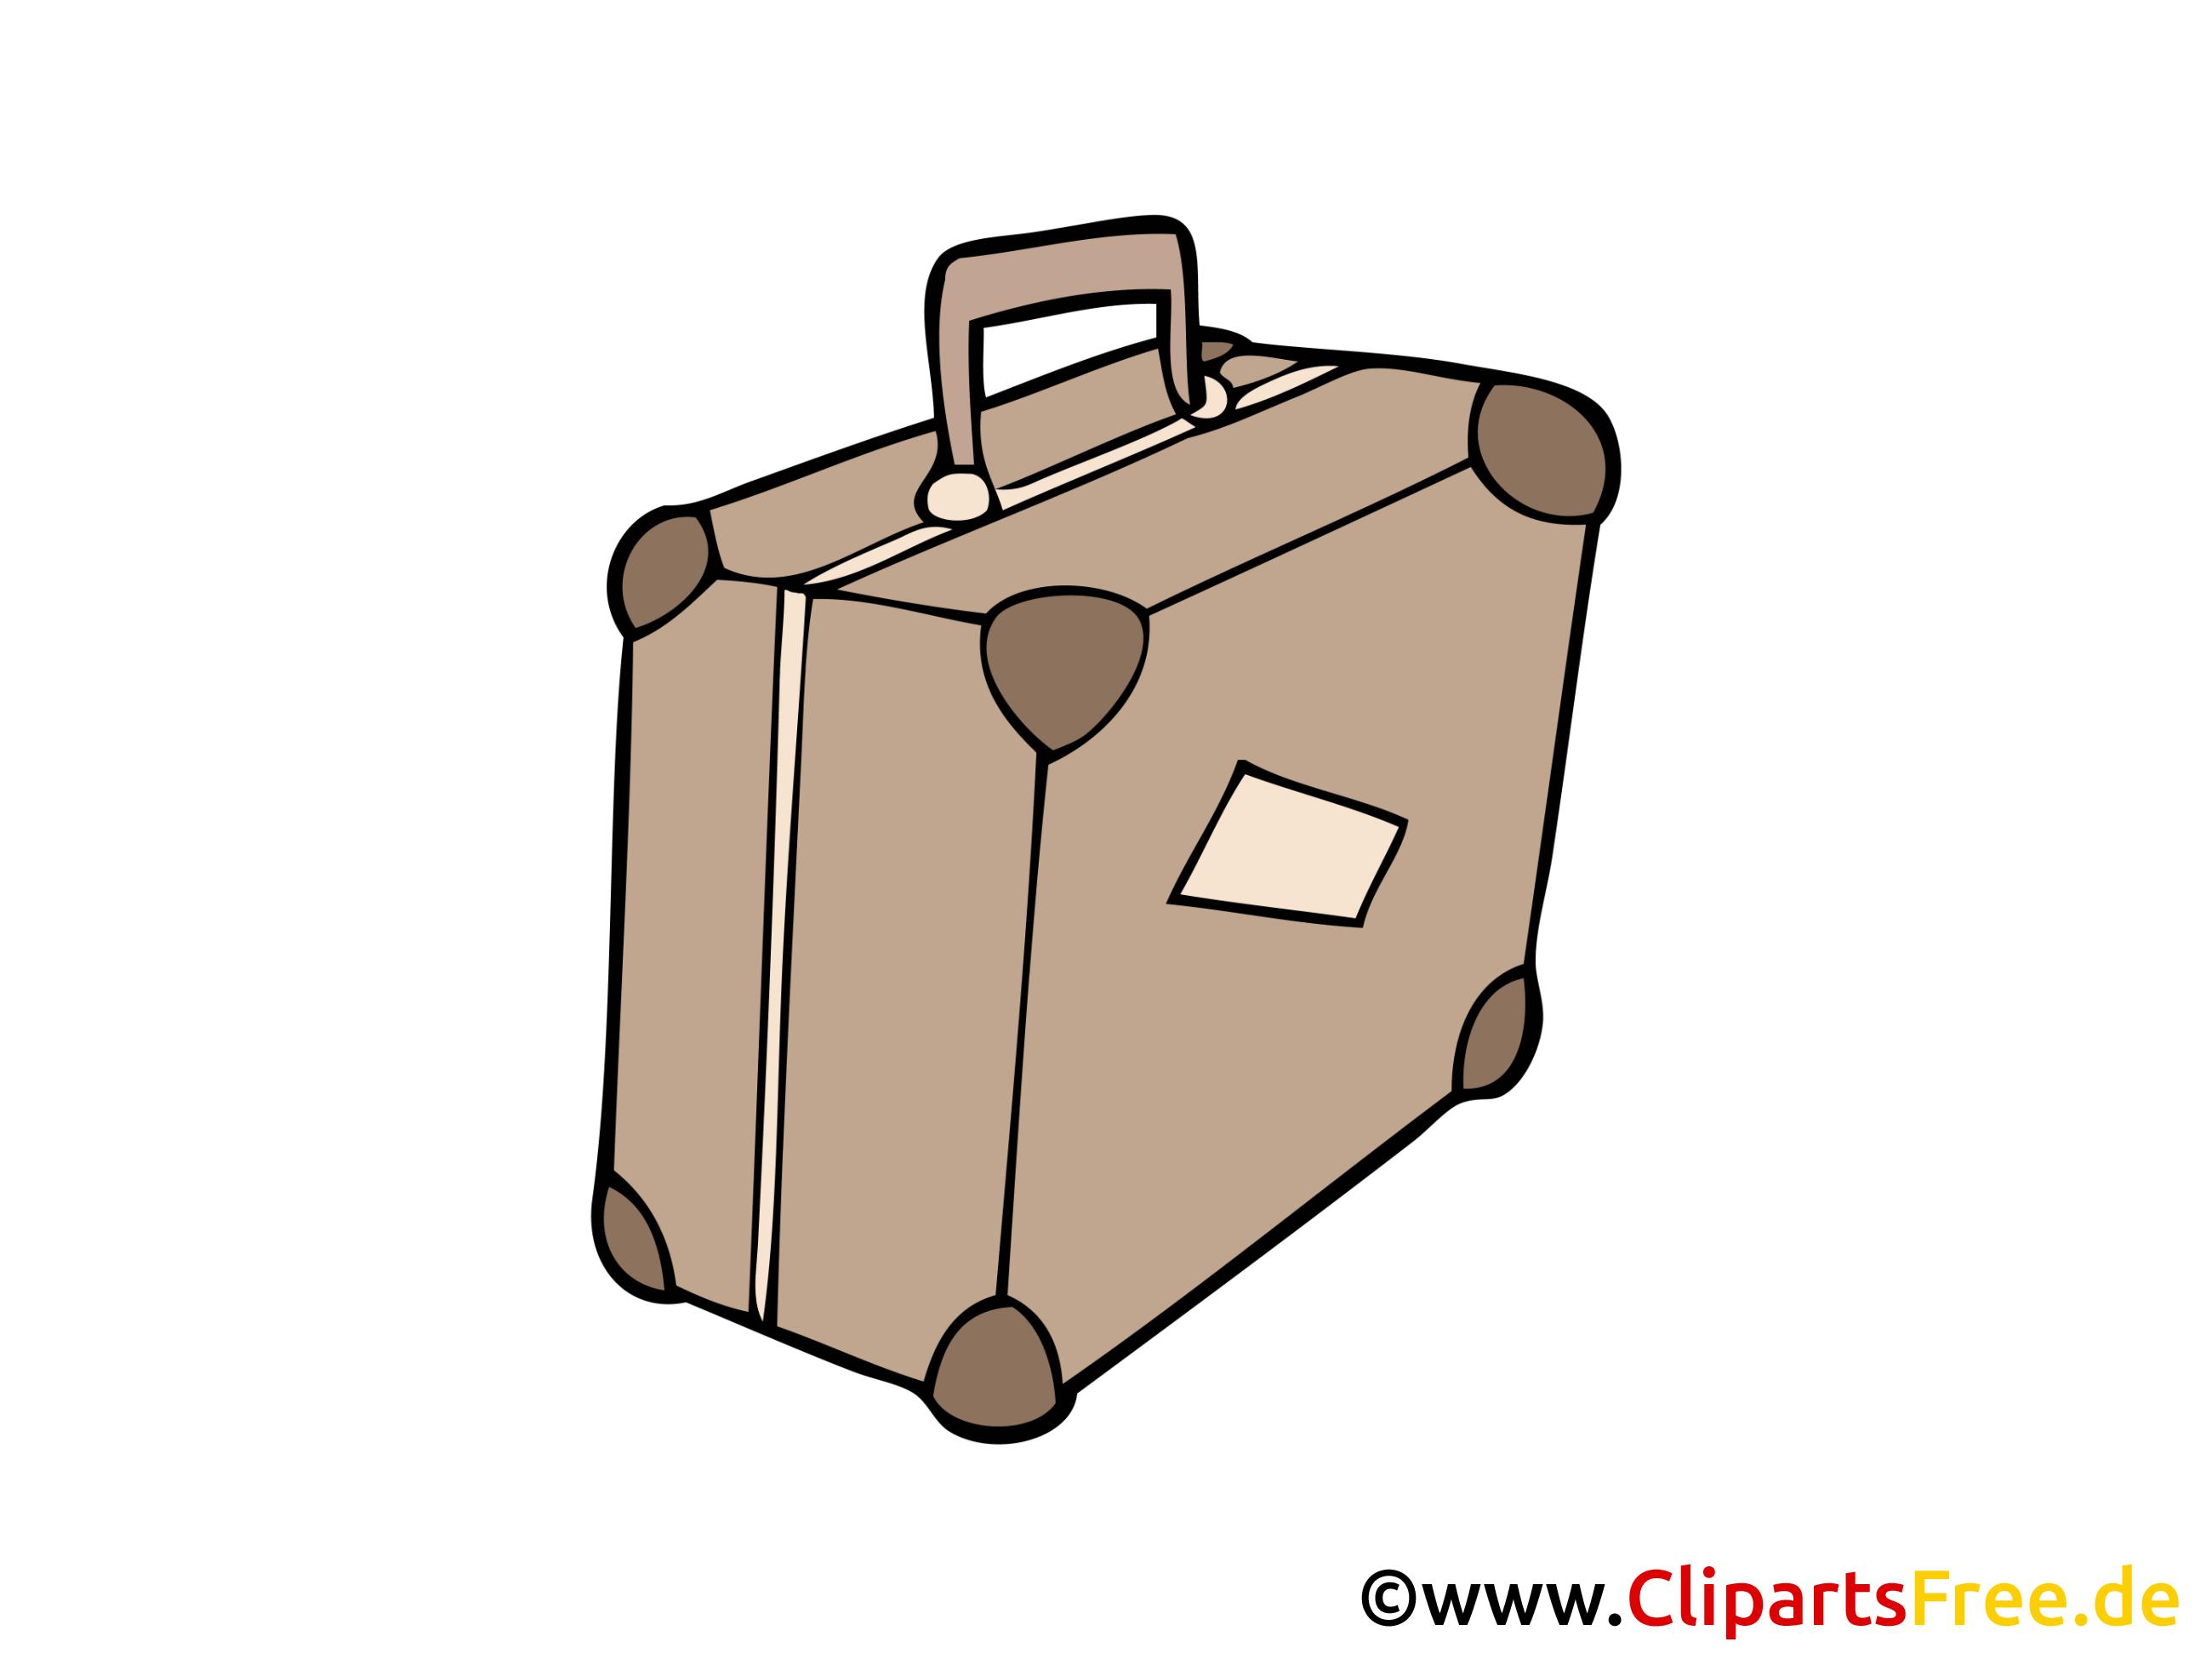 Valise image gratuite cliparts objets dessin picture - Dessin de valise ...